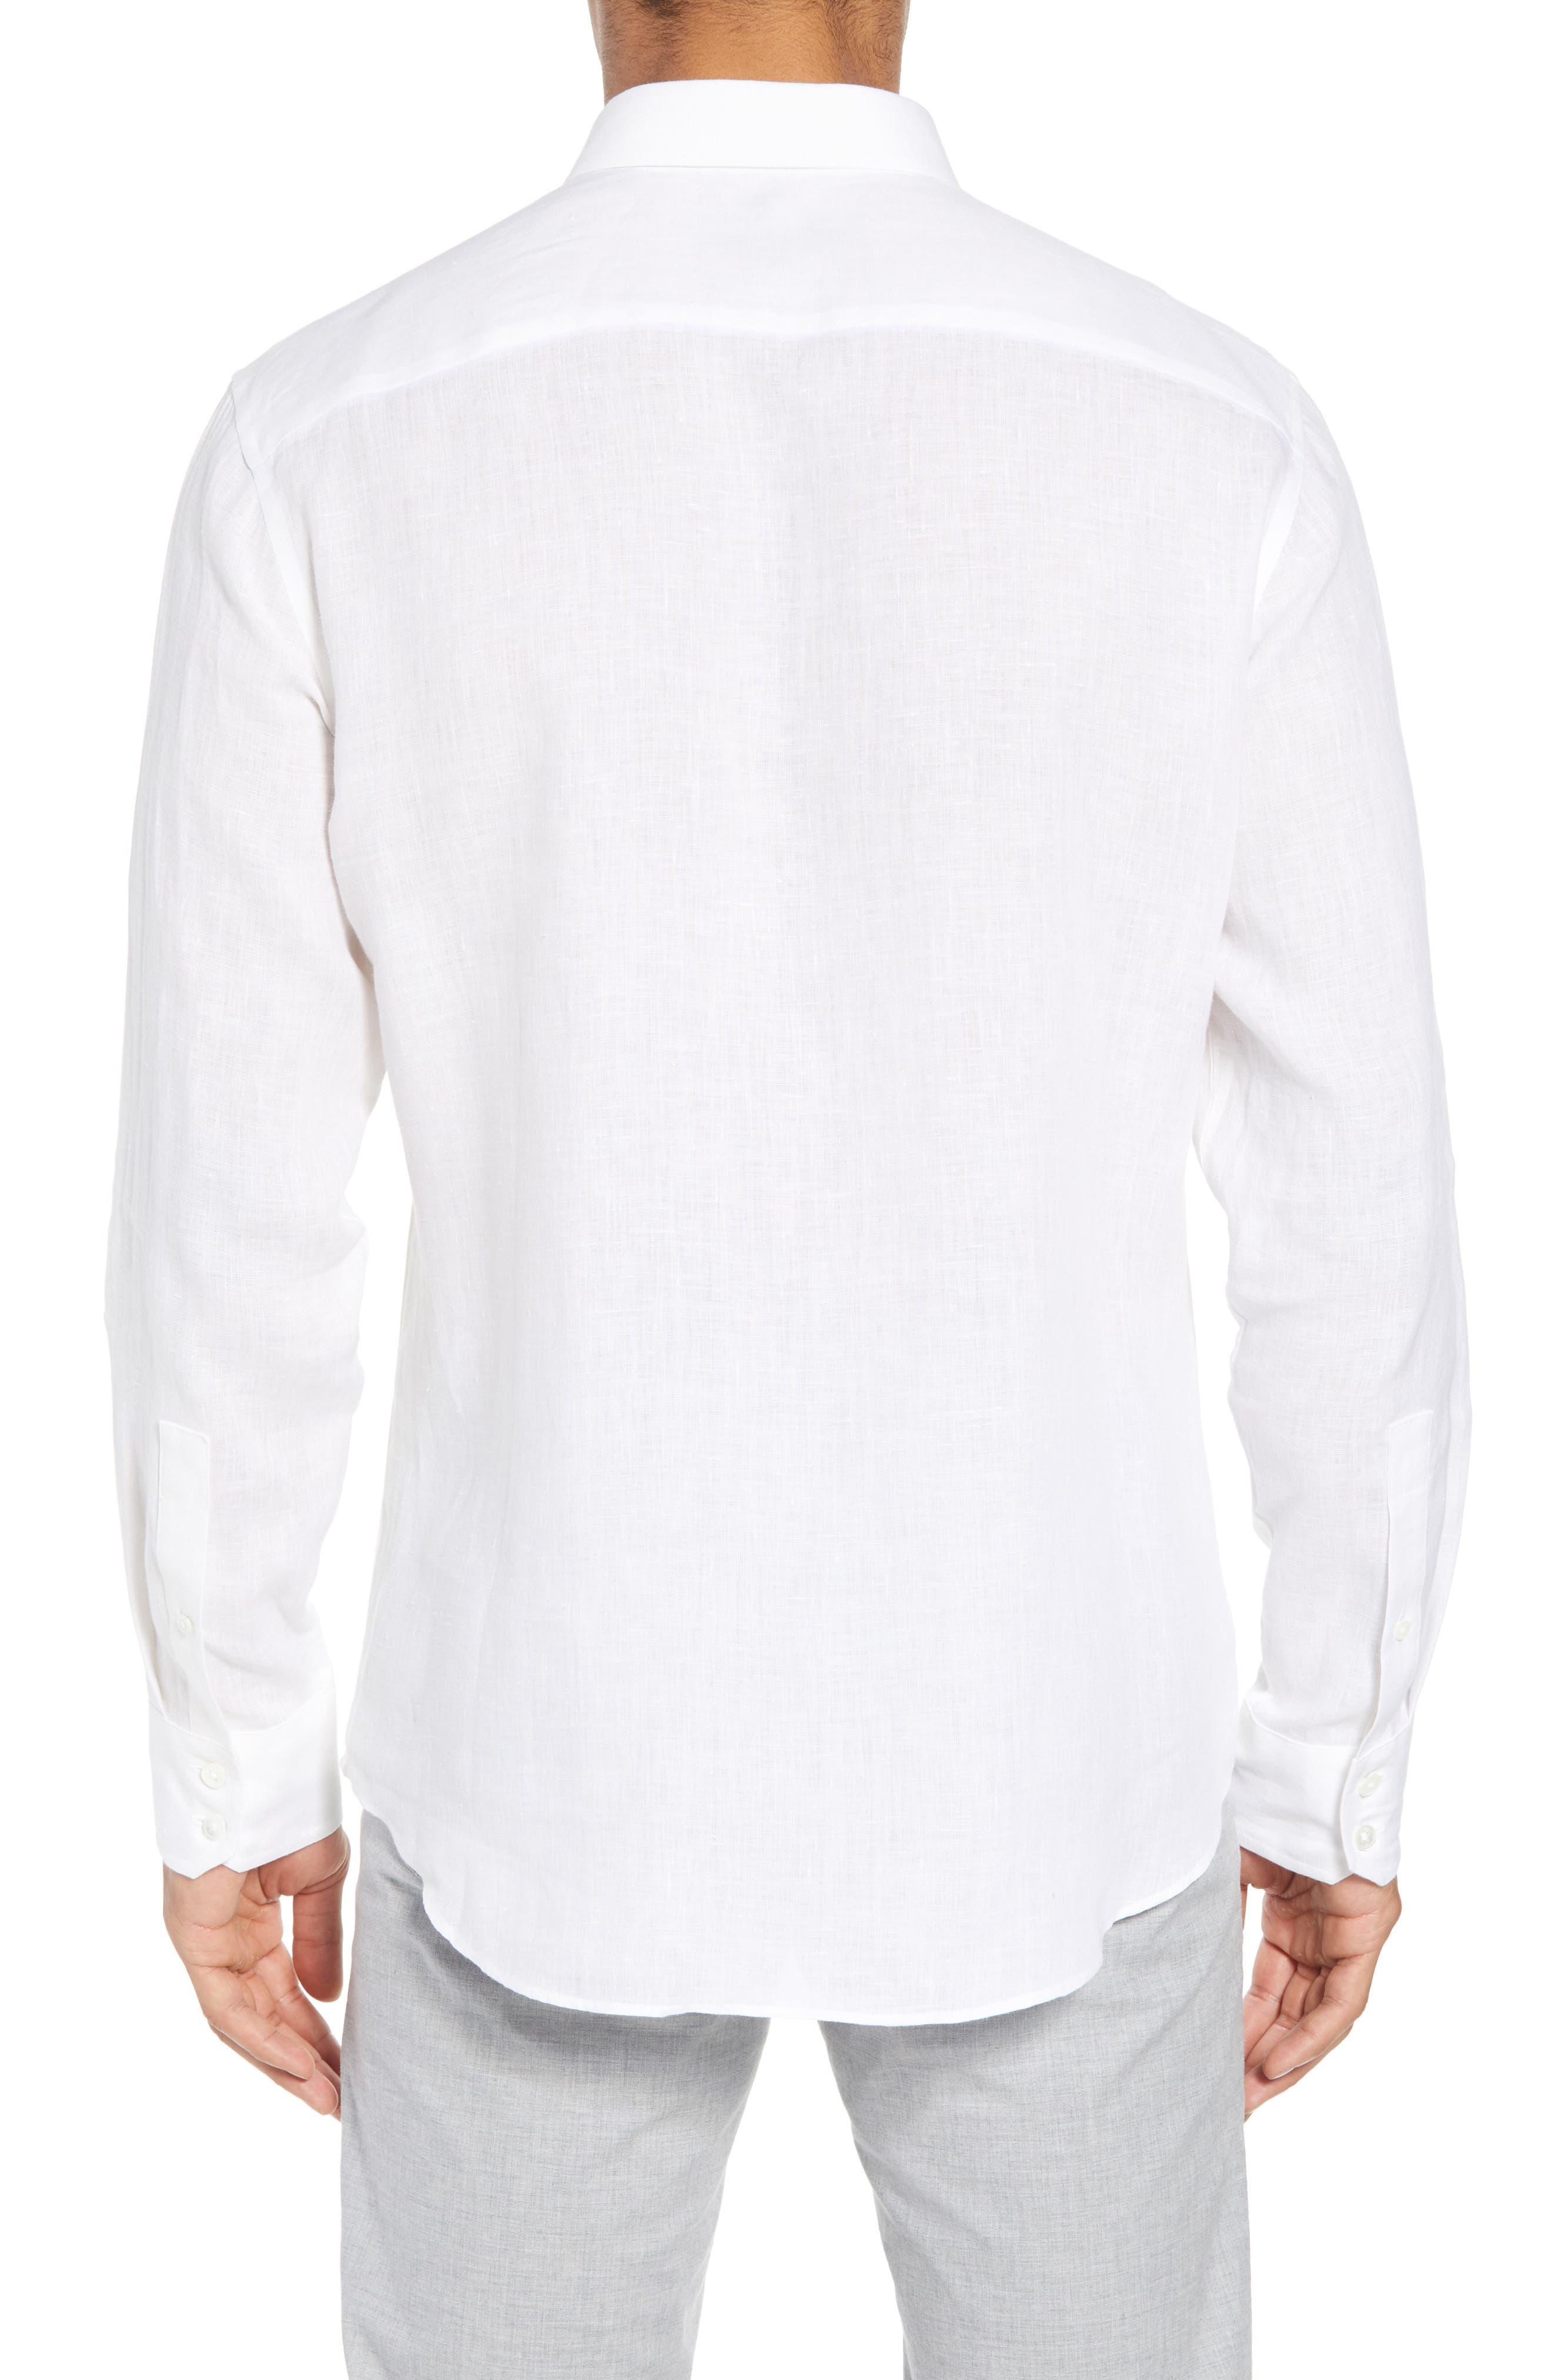 Yang Linen Sport Shirt,                             Alternate thumbnail 2, color,                             WHITE